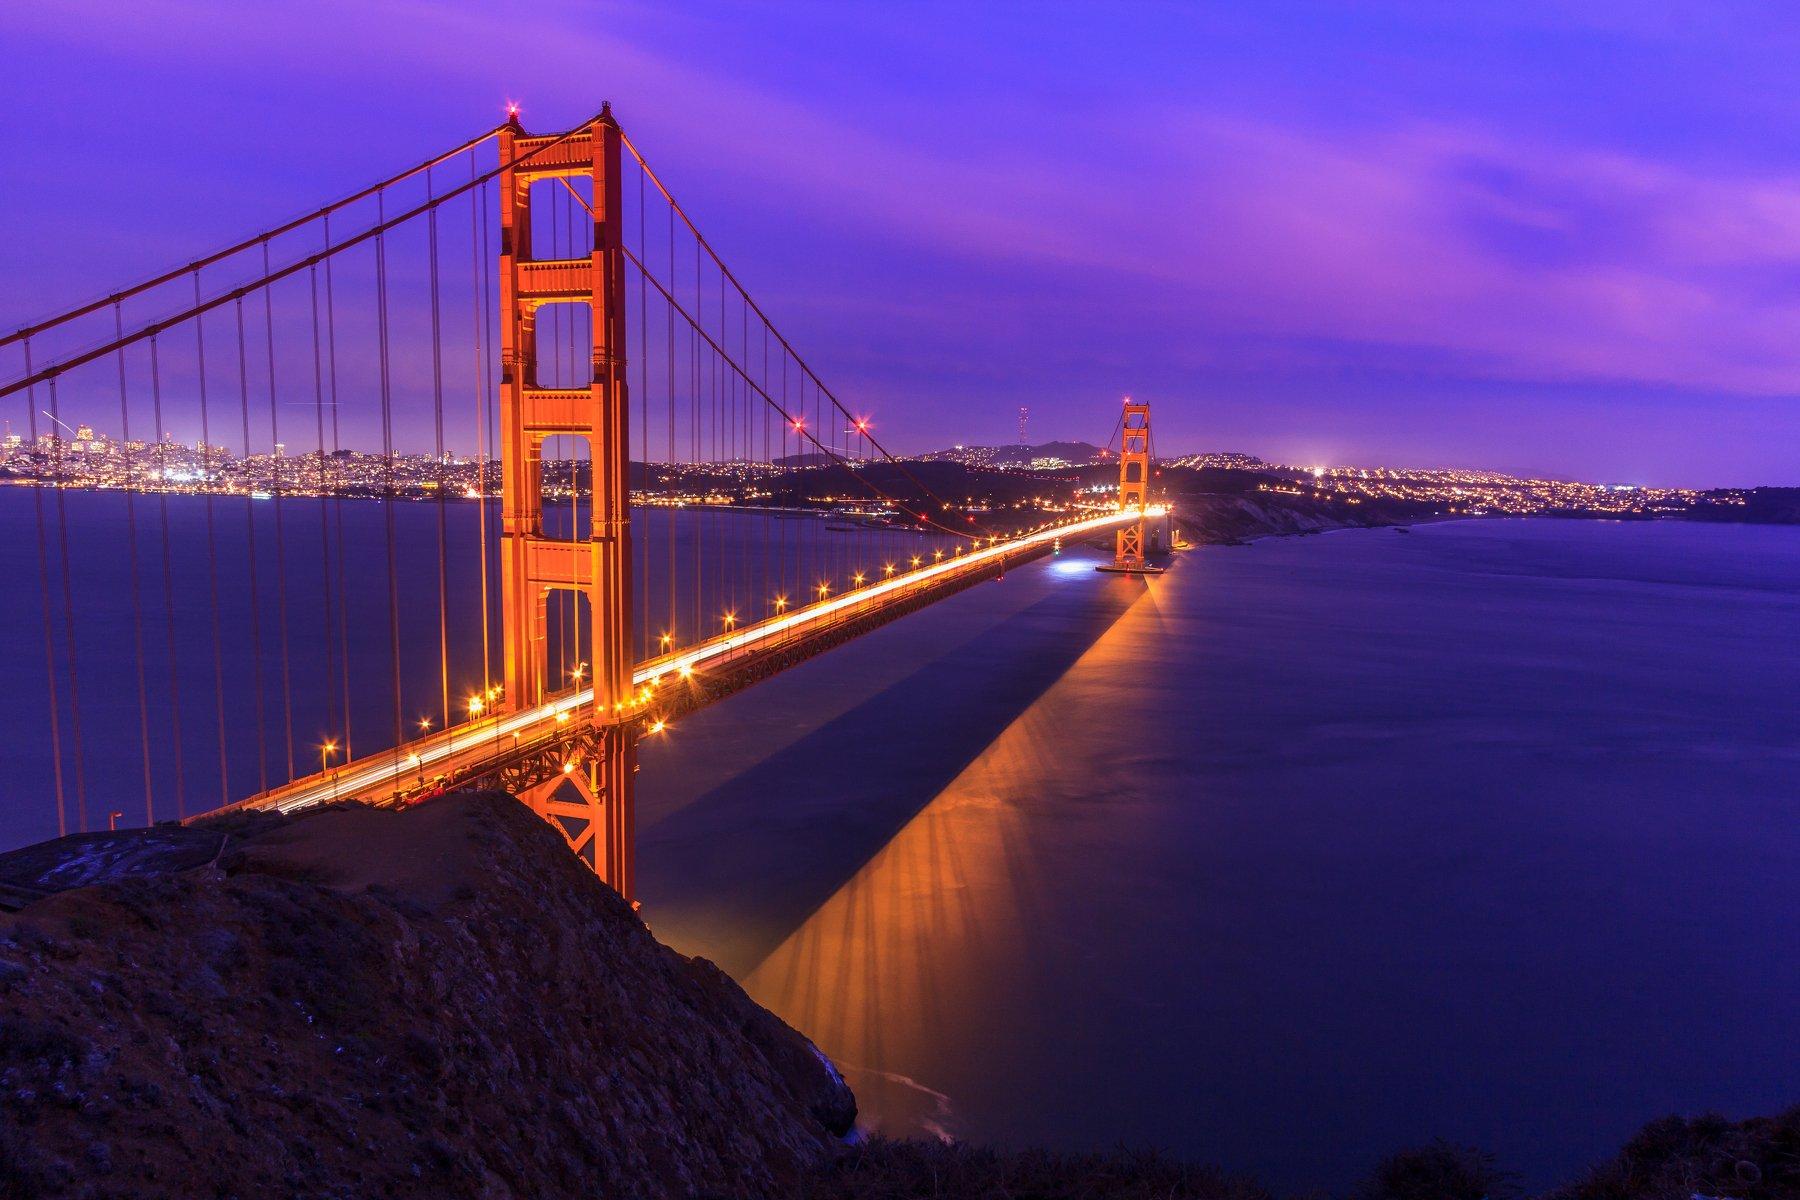 золотые ворота, мост, калифорния, сан франциско, бухта, океан, море, вода, закат, восход. , Сергей Гарифуллин